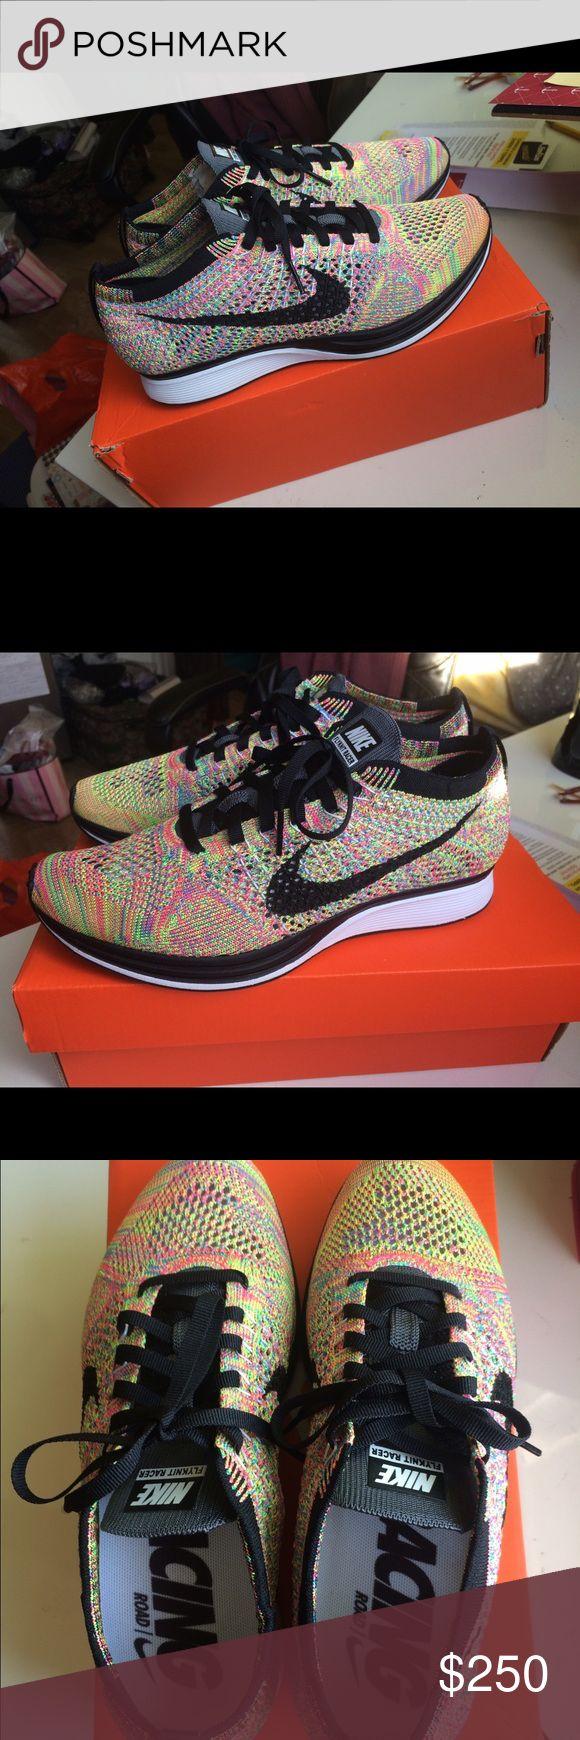 Nike Flyknit Racer multicolor. Dead stock. Nike Flyknit Racer multicolor. Women's 7.5. Dead stock. New with box. Nike Shoes Sneakers